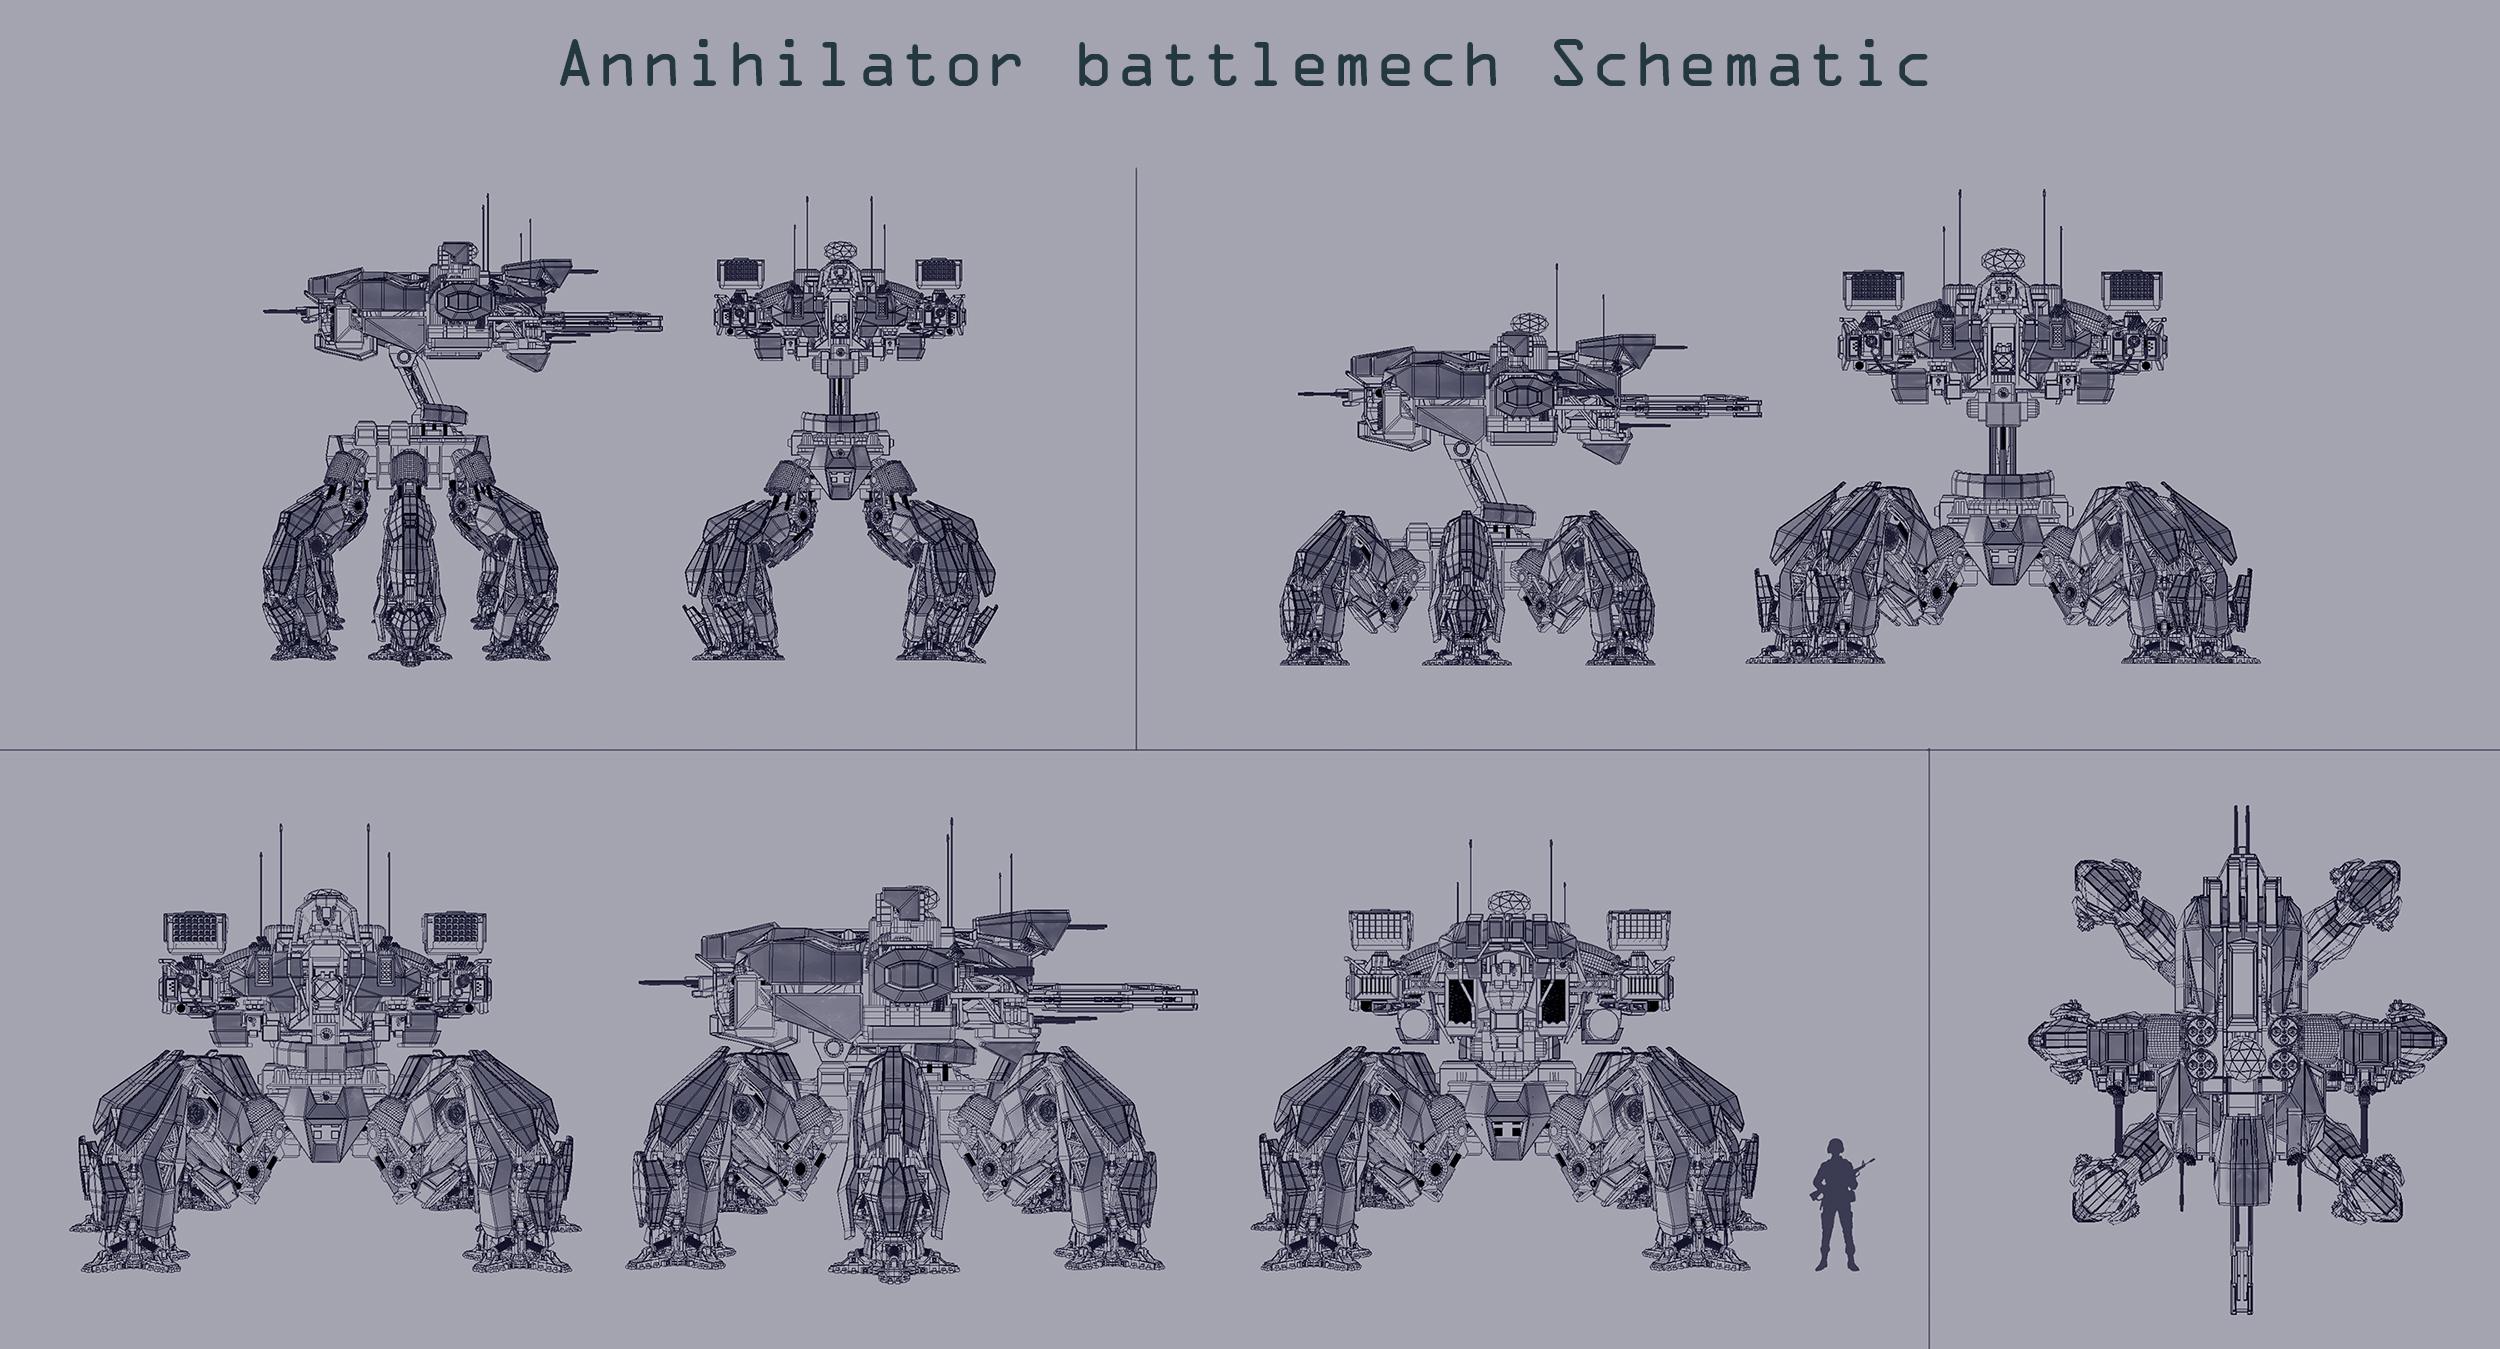 Annihilator battlemech Schematic by Avitus12